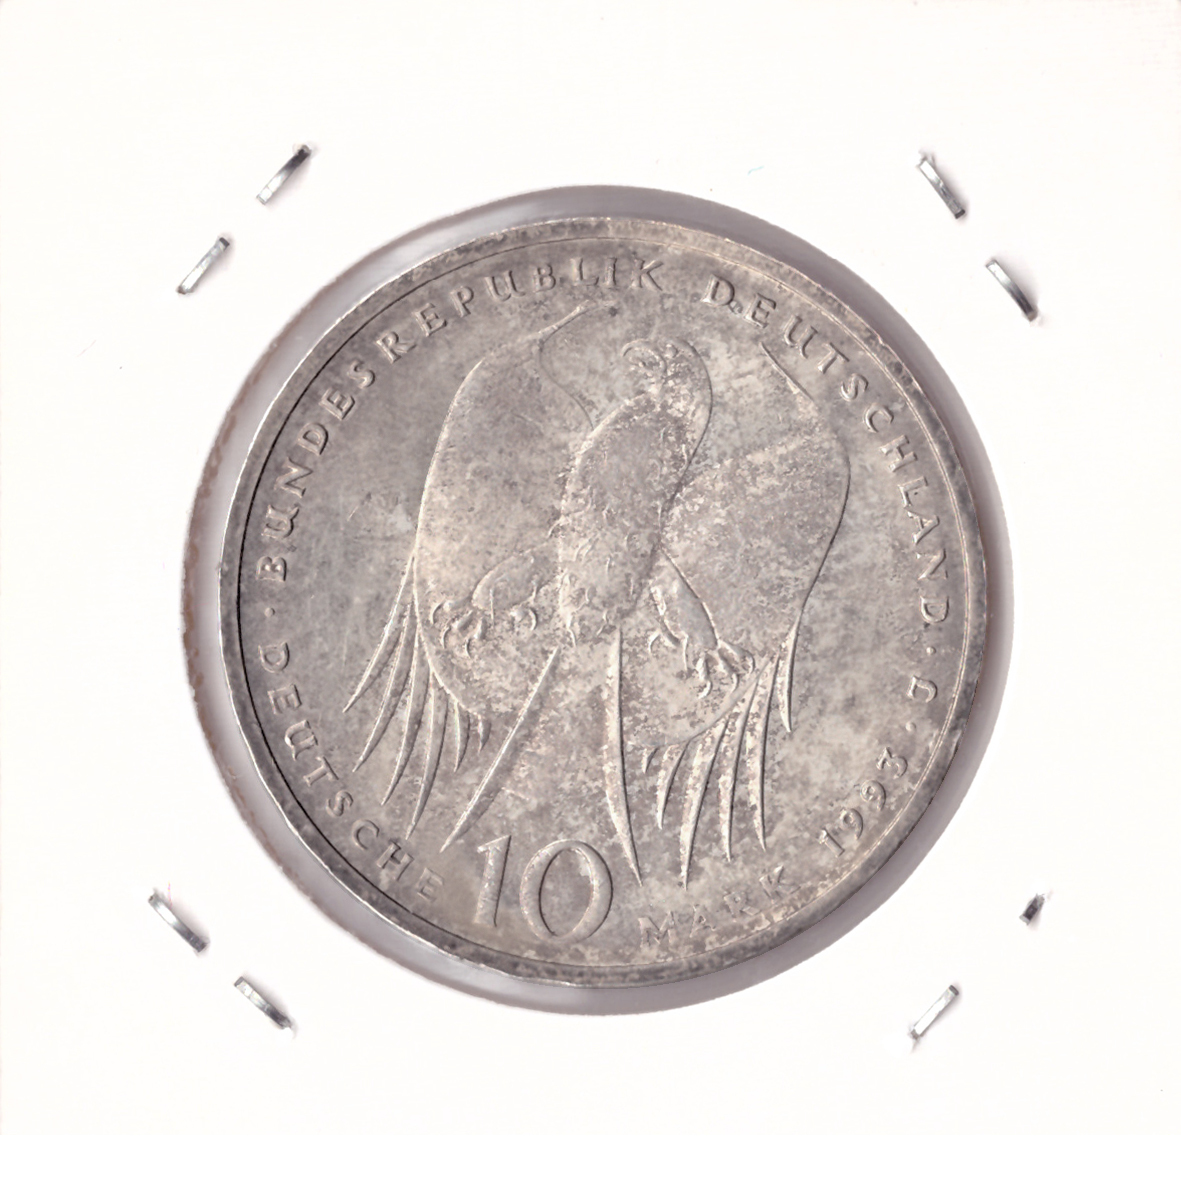 10 марок 1993 год (J) 150 лет со дня рождения Роберта Коха, Германия. XF-AU